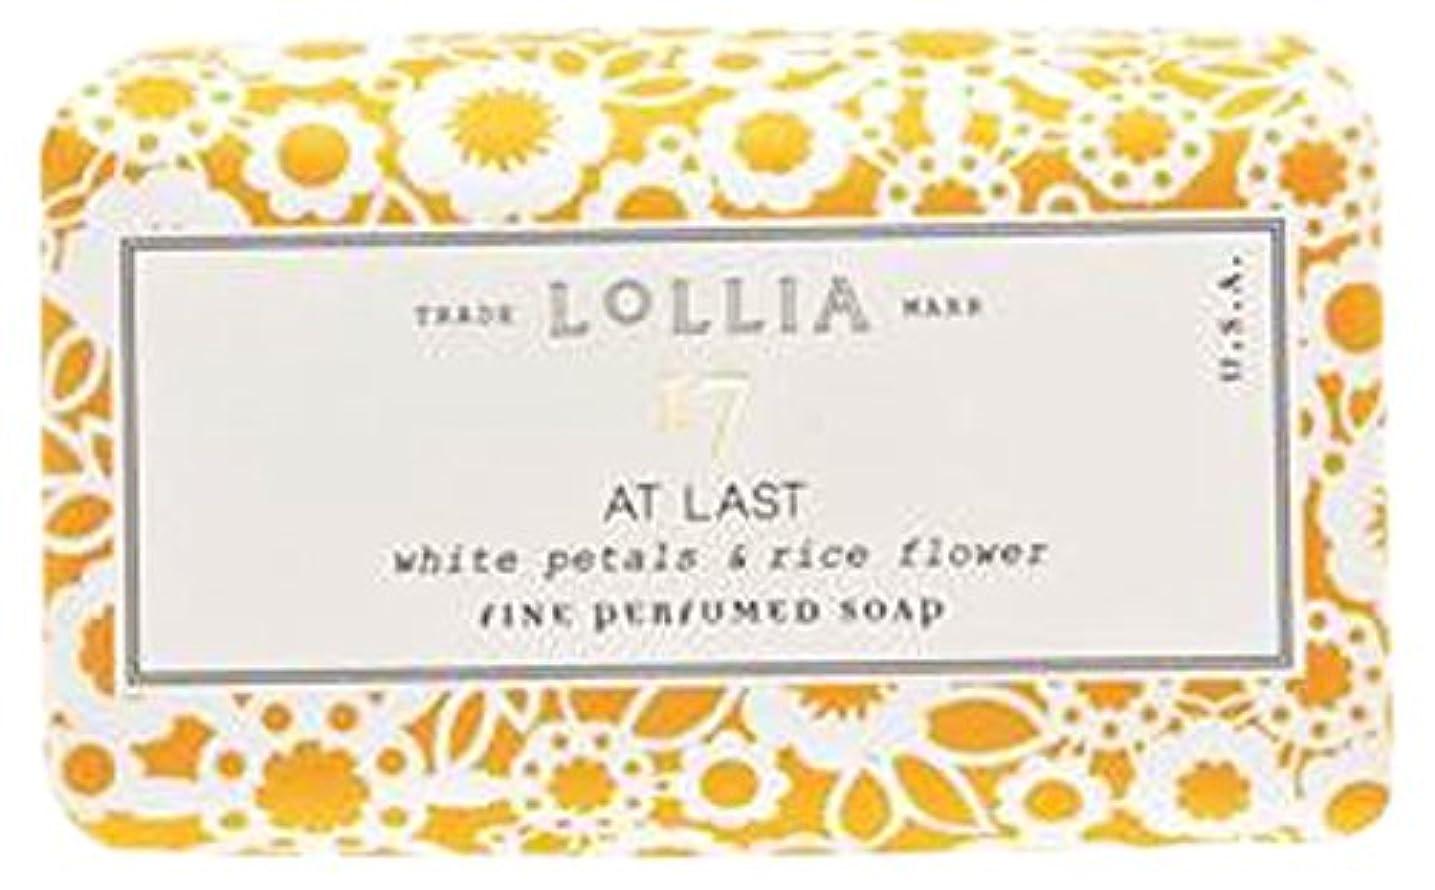 調停する節約懸念ロリア(LoLLIA) フレグランスソープ140g AtLast(化粧石けん 全身用洗浄料 ライスフラワー、マグノリアとミモザの柔らかな花々の香り)